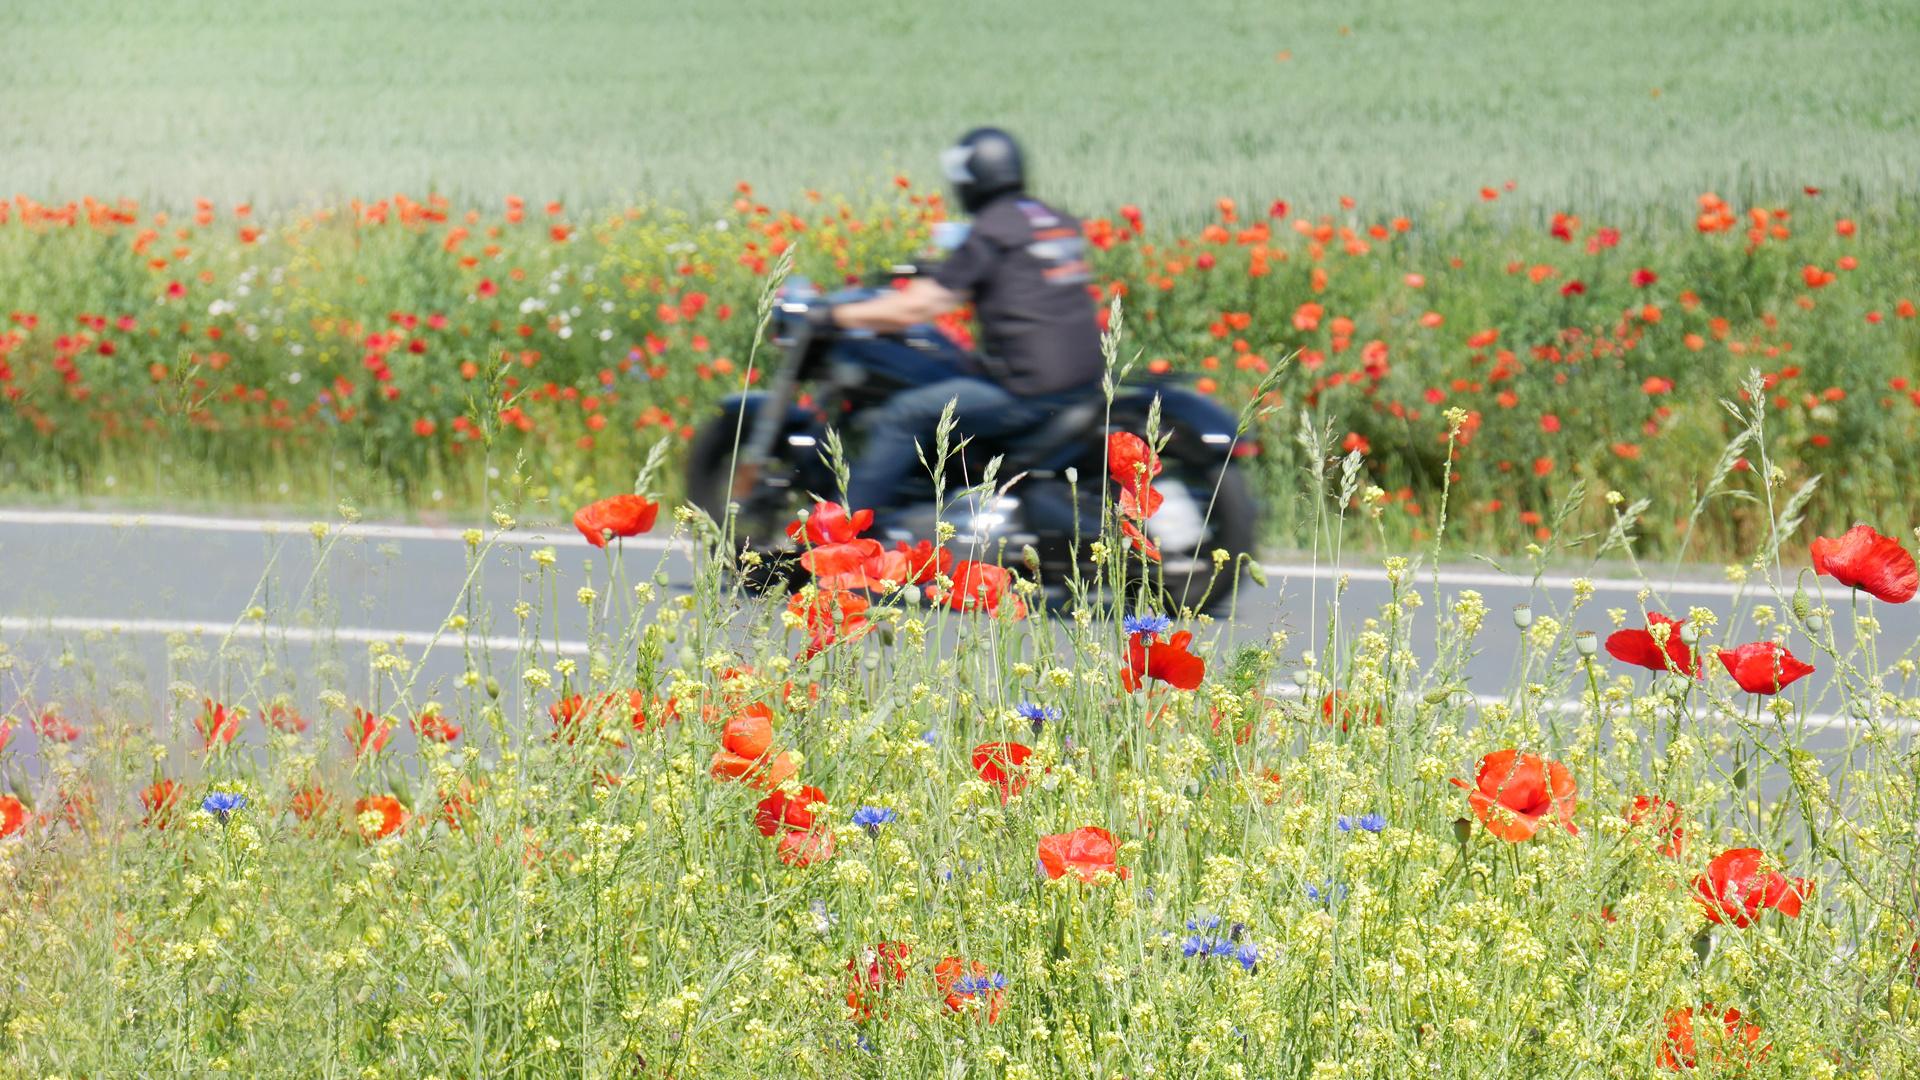 opium poppy rider